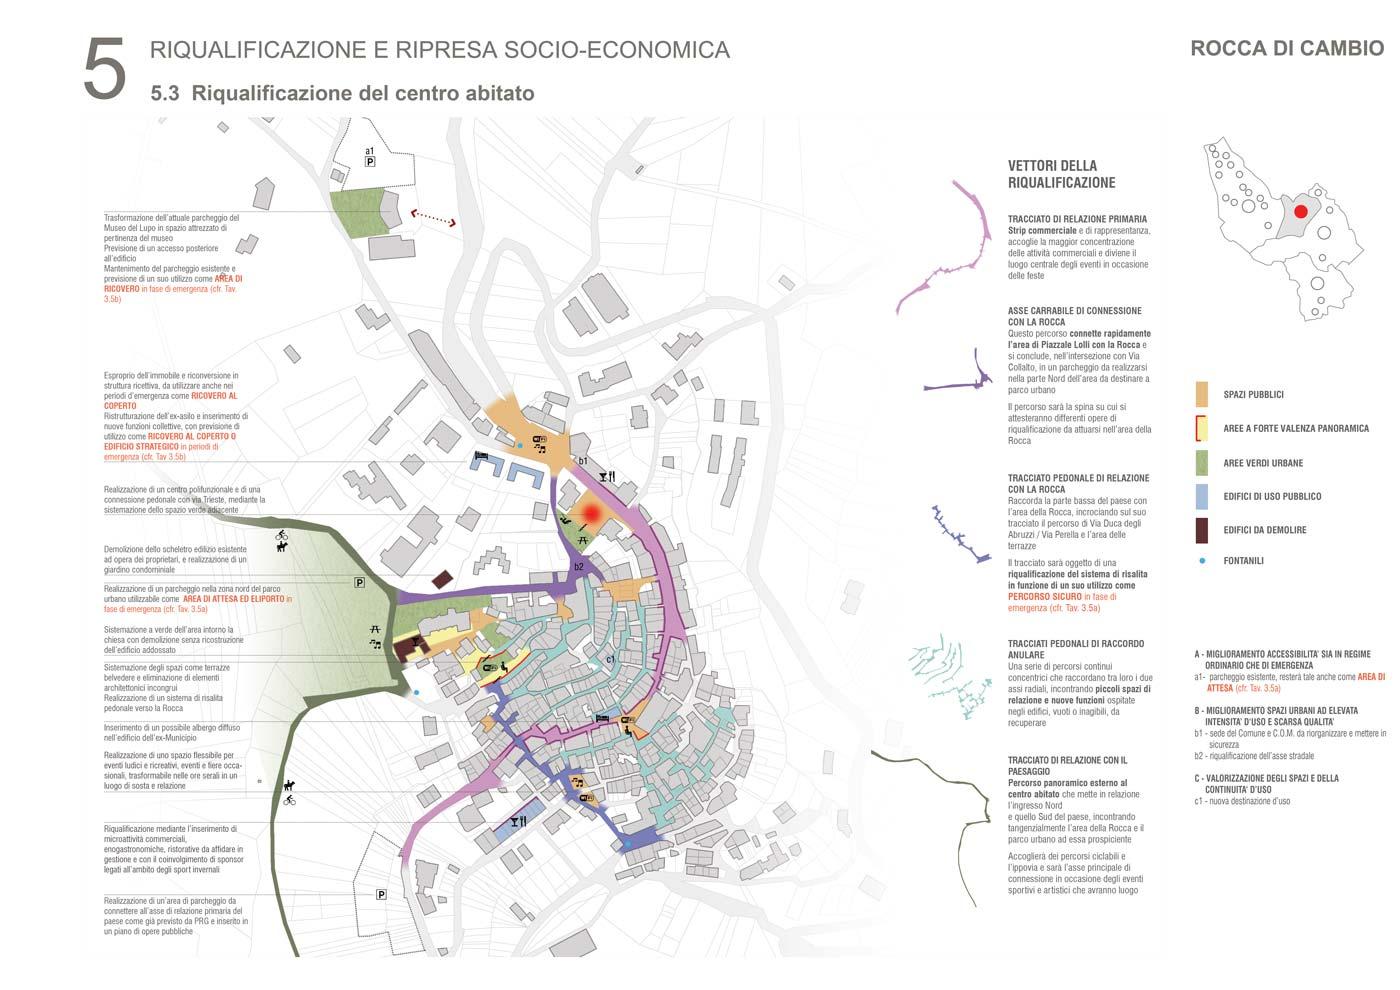 Rocca di Mezzo - Masterplan di uno dei quattro Comuni coinvolti dal Piano di Ricostruzione